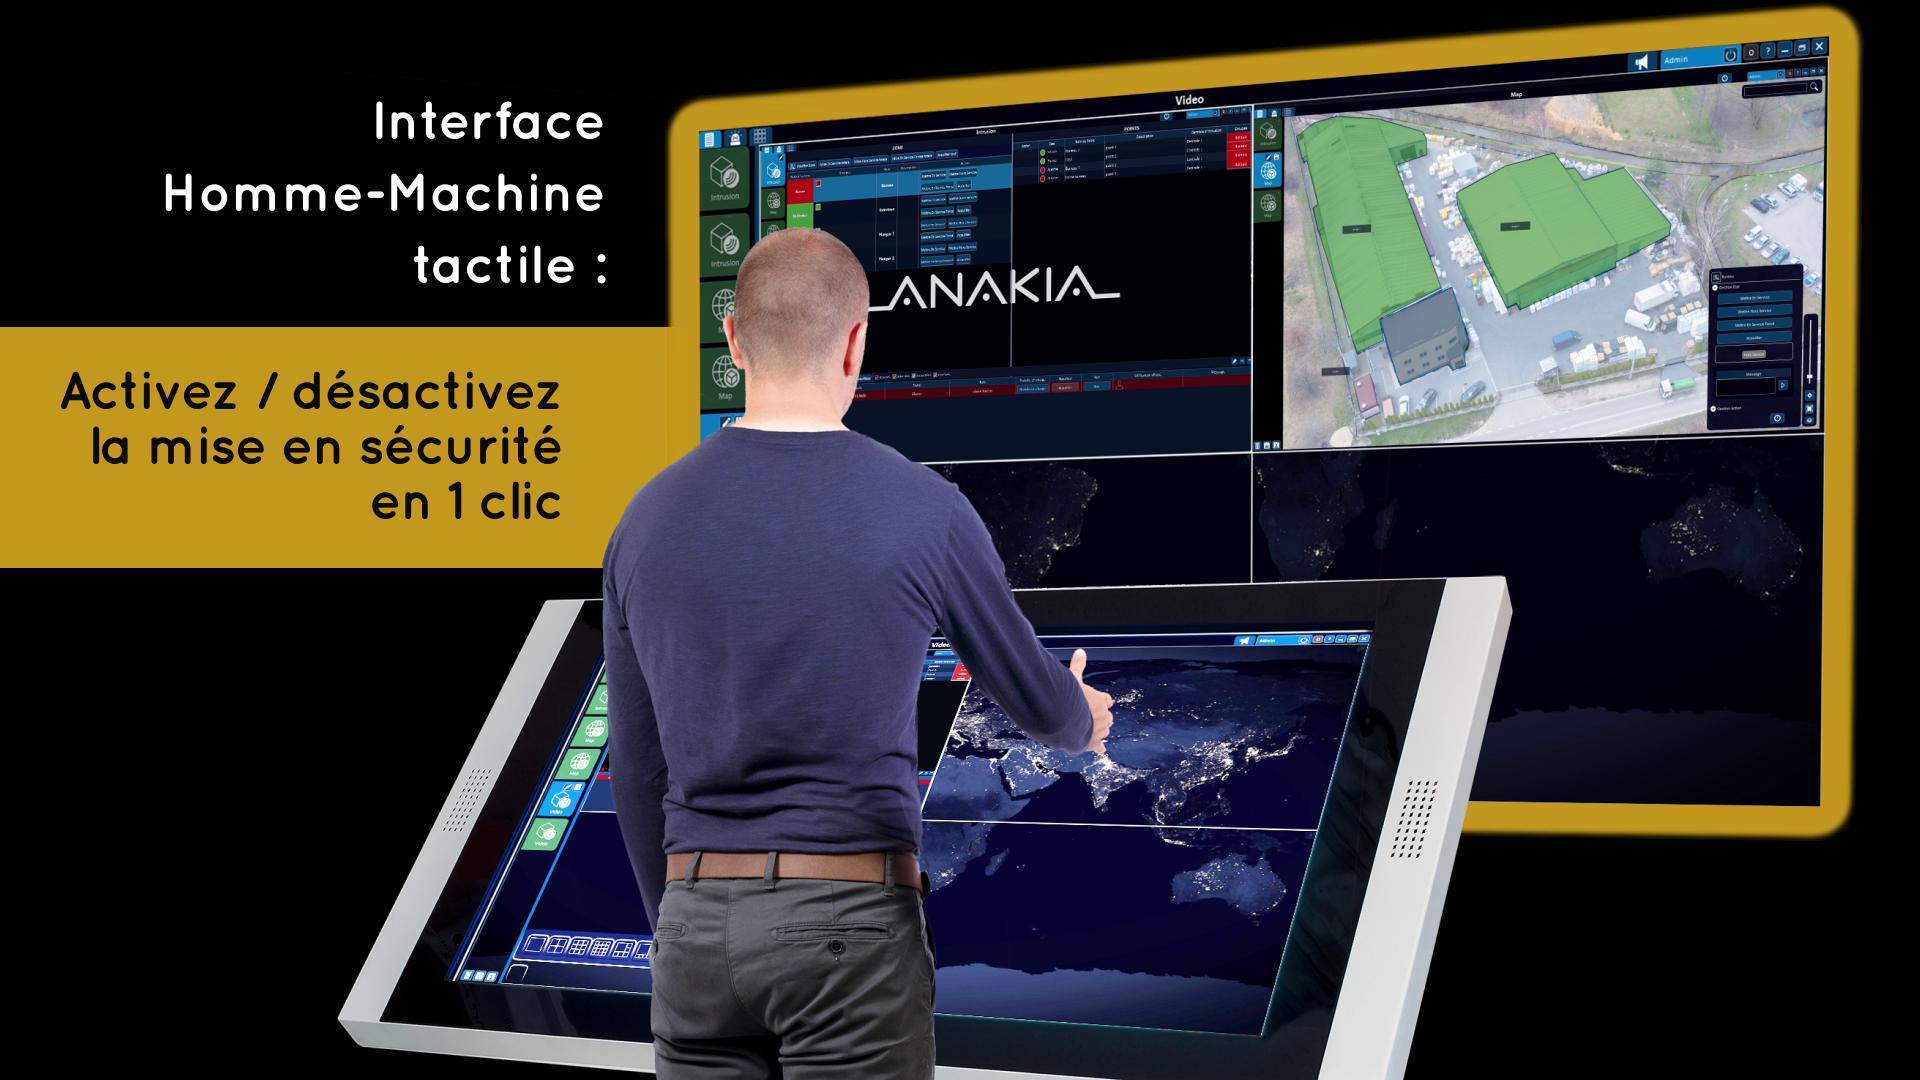 ANAKIA est le logiciel de supervision offrant la meilleure expérience utilisateur grâce à son interface tactile